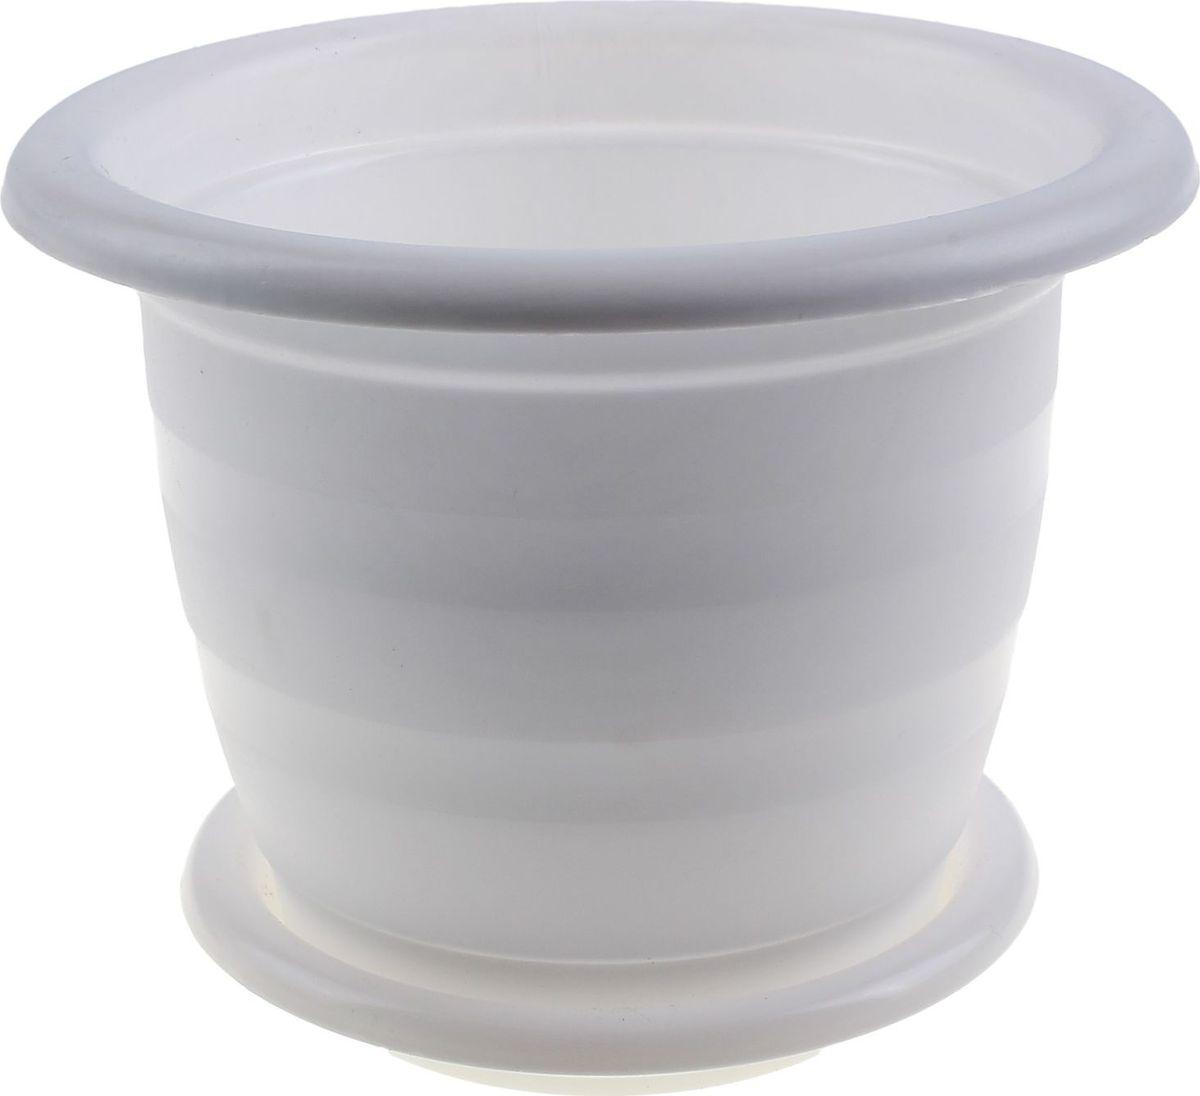 Горшок для цветов Альтернатива Виола, с поддоном, цвет: белый, 1 л531-401Любой, даже самый современный и продуманный интерьер будет не завершённым без растений. Они не только очищают воздух и насыщают его кислородом, но и заметно украшают окружающее пространство. Такому полезному члену семьи просто необходимо красивое и функциональное кашпо, оригинальный горшок или необычная ваза! Мы предлагаем - Горшок для цветов 1 л Виола, с поддоном, цвет белый! Оптимальный выбор материала пластмасса! Почему мы так считаем? Малый вес. С лёгкостью переносите горшки и кашпо с места на место, ставьте их на столики или полки, подвешивайте под потолок, не беспокоясь о нагрузке. Простота ухода. Пластиковые изделия не нуждаются в специальных условиях хранения. Их легко чистить достаточно просто сполоснуть тёплой водой. Никаких царапин. Пластиковые кашпо не царапают и не загрязняют поверхности, на которых стоят. Пластик дольше хранит влагу, а значит растение реже нуждается в поливе. Пластмасса не пропускает воздух корневой системе растения не грозят резкие перепады температур. Огромный выбор форм, декора и расцветок вы без труда подберёте что-то, что идеально впишется в уже существующий интерьер. Соблюдая нехитрые правила ухода, вы можете заметно продлить срок службы горшков, вазонов и кашпо из пластика: всегда учитывайте размер кроны и корневой системы растения (при разрастании большое растение способно повредить маленький горшок)берегите изделие от воздействия прямых солнечных лучей, чтобы кашпо и горшки не выцветалидержите кашпо и горшки из пластика подальше от нагревающихся поверхностей. Создавайте прекрасные цветочные композиции, выращивайте рассаду или необычные растения, а низкие цены позволят вам не ограничивать себя в выборе.